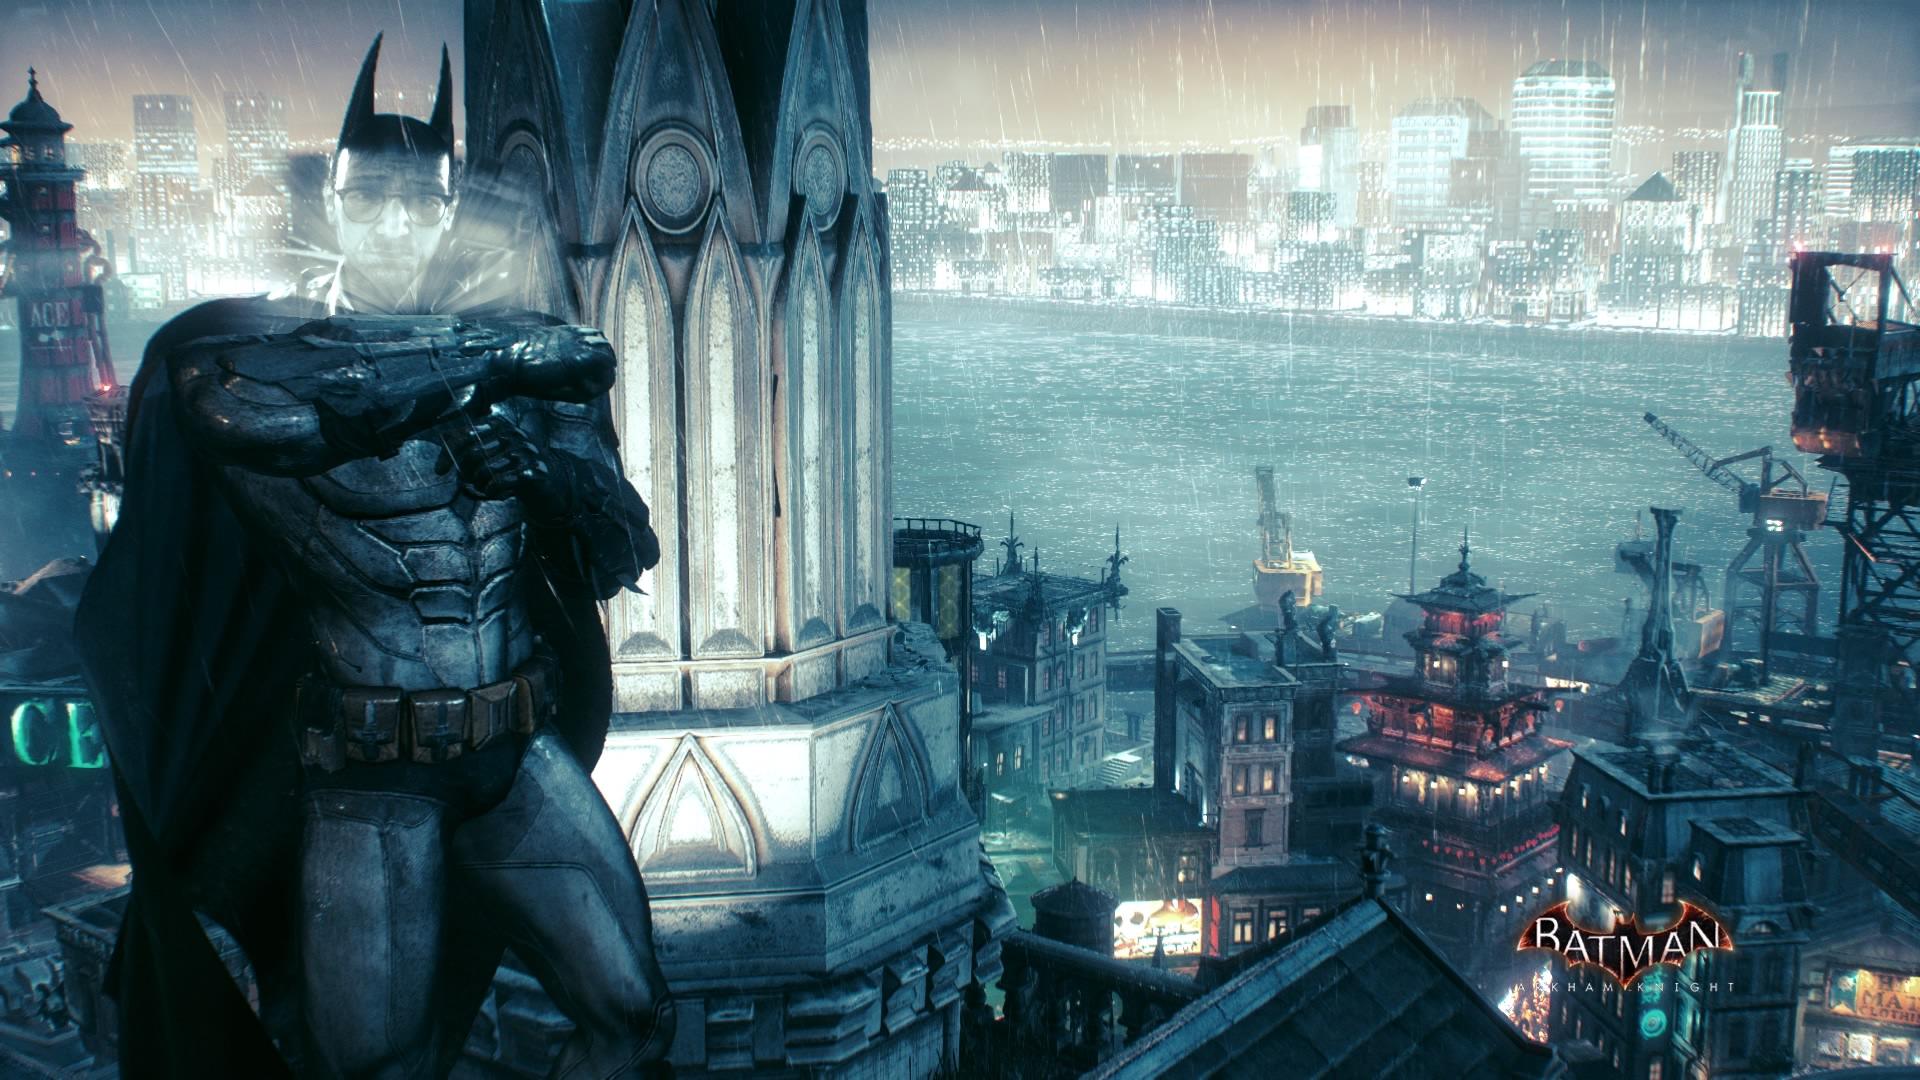 Бэтмен™_ Рыцарь Аркхема_20200204202600.jpg - Batman: Arkham Knight